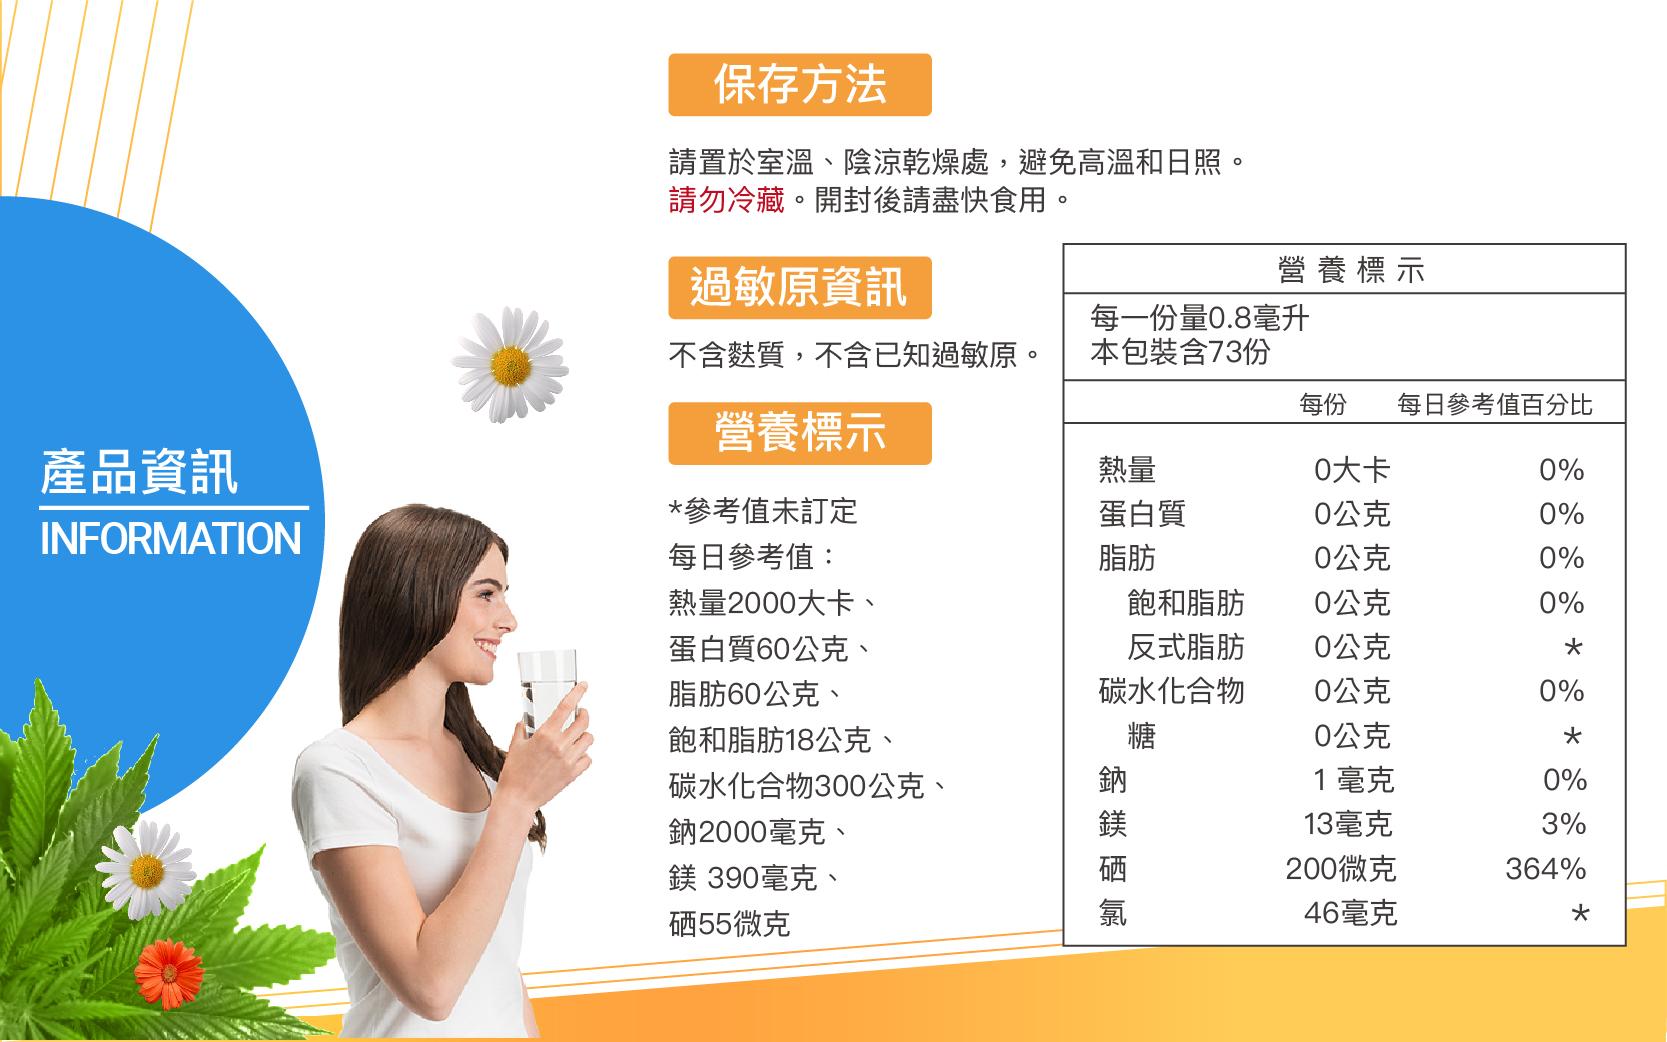 萃思鎂 液態硒-請置放陰涼乾燥處,避免高溫和日曬,勿冷藏。營養標示